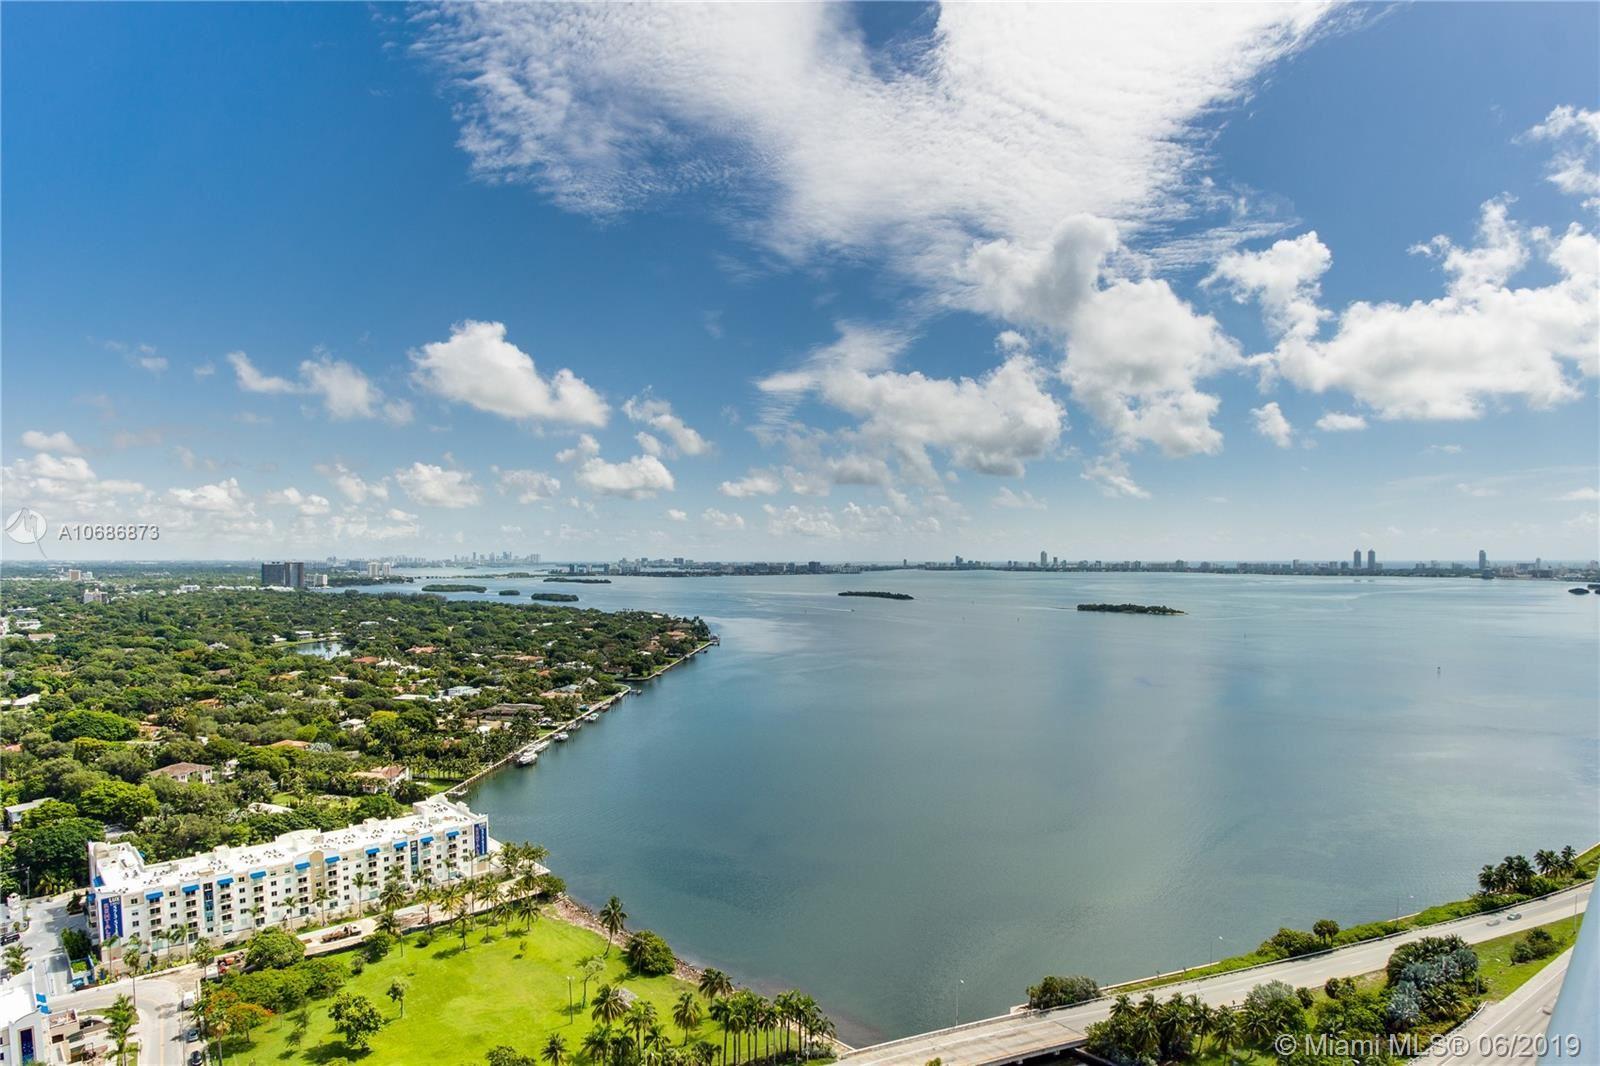 601 NE 36th St #PH4, Miami, FL 33137 - #: A10686873